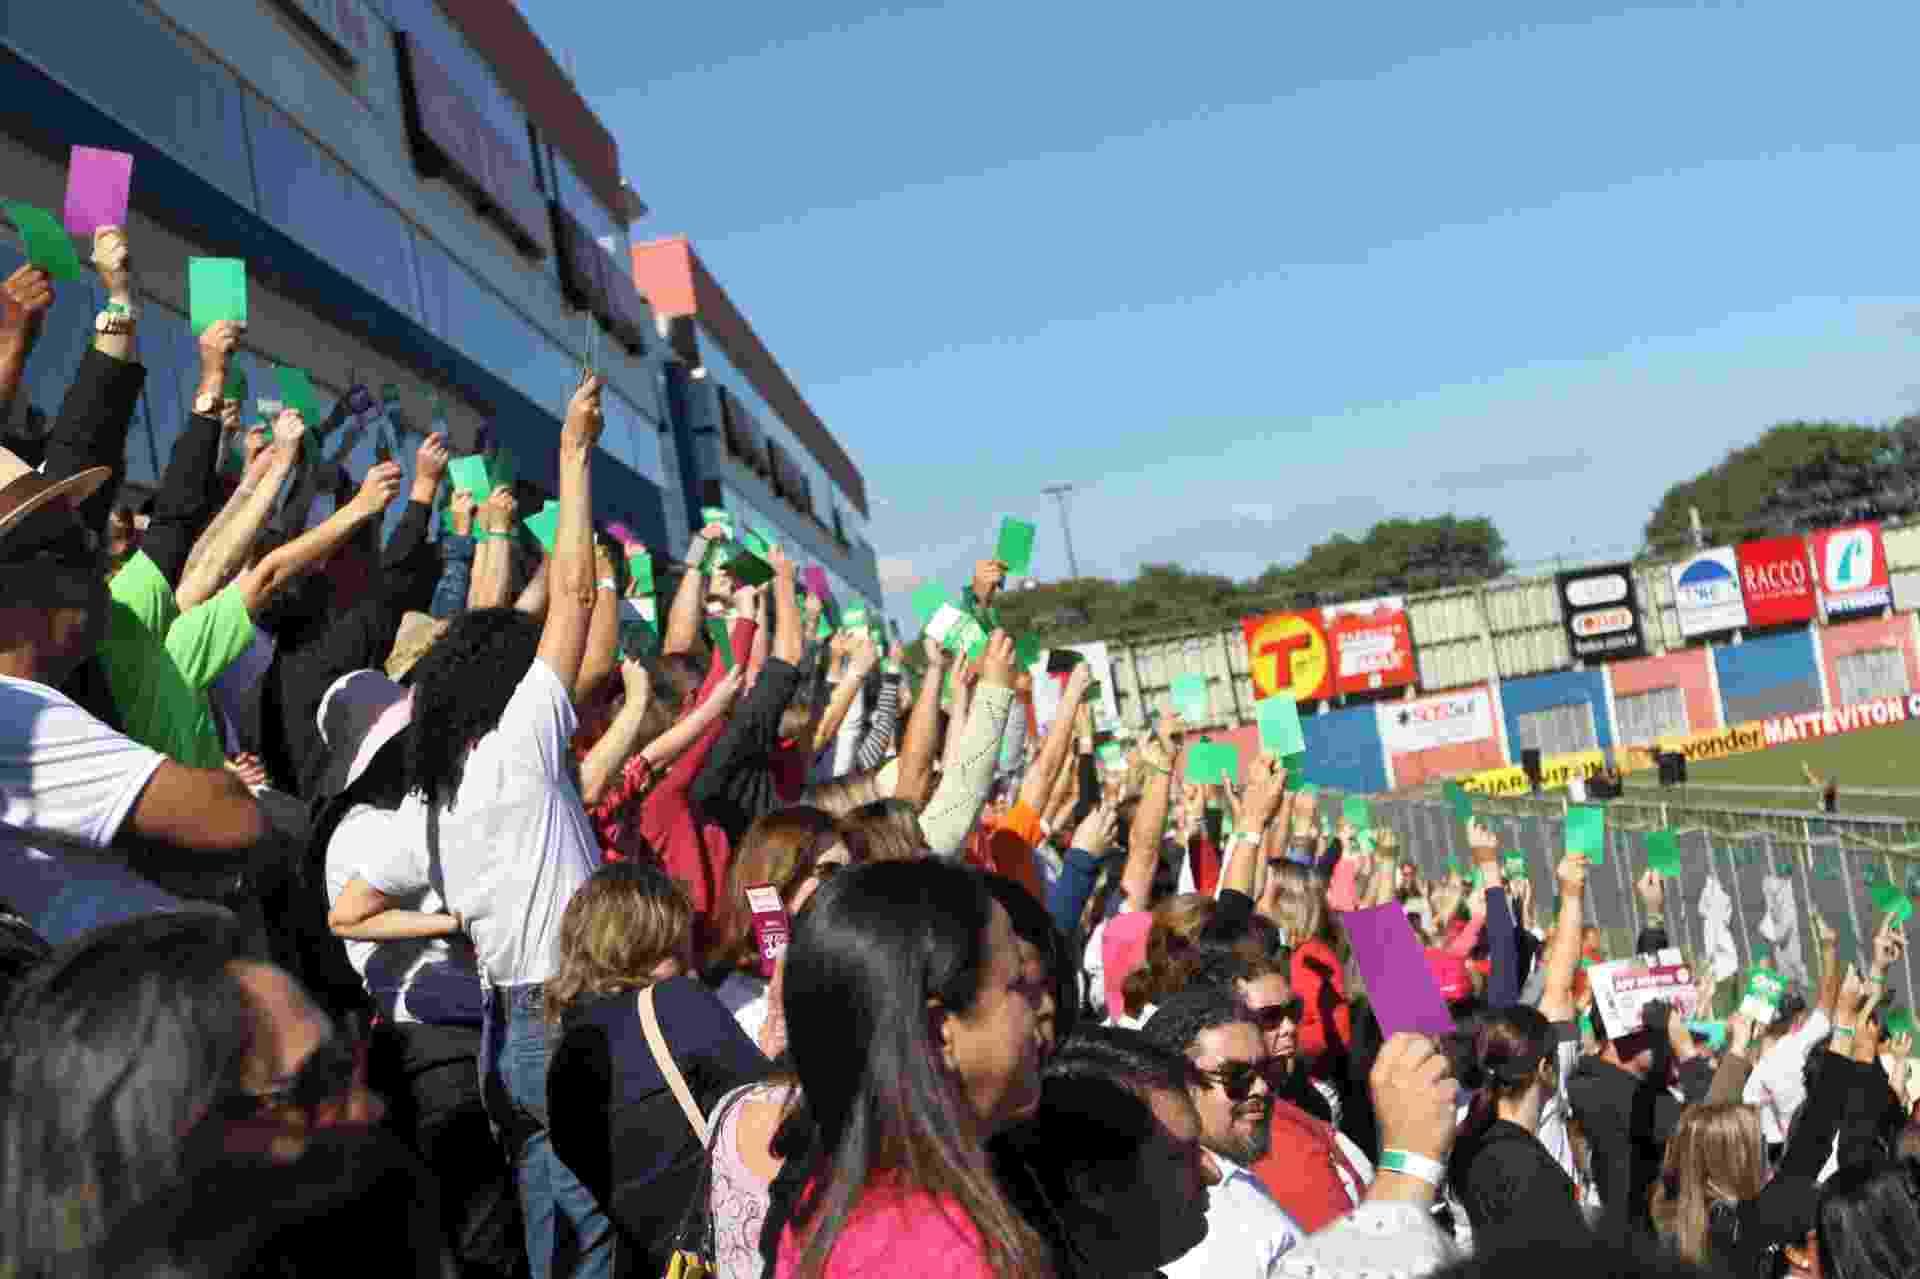 9.jun.2015 - Professores decidem encerrar a greve da categoria no Paraná. O reajuste inicial será de 3,45% e será pago em outubro. O acordo ainda prevê um plano de reajuste até 2018 - Franklin de Freitas/Estadão Conteúdo